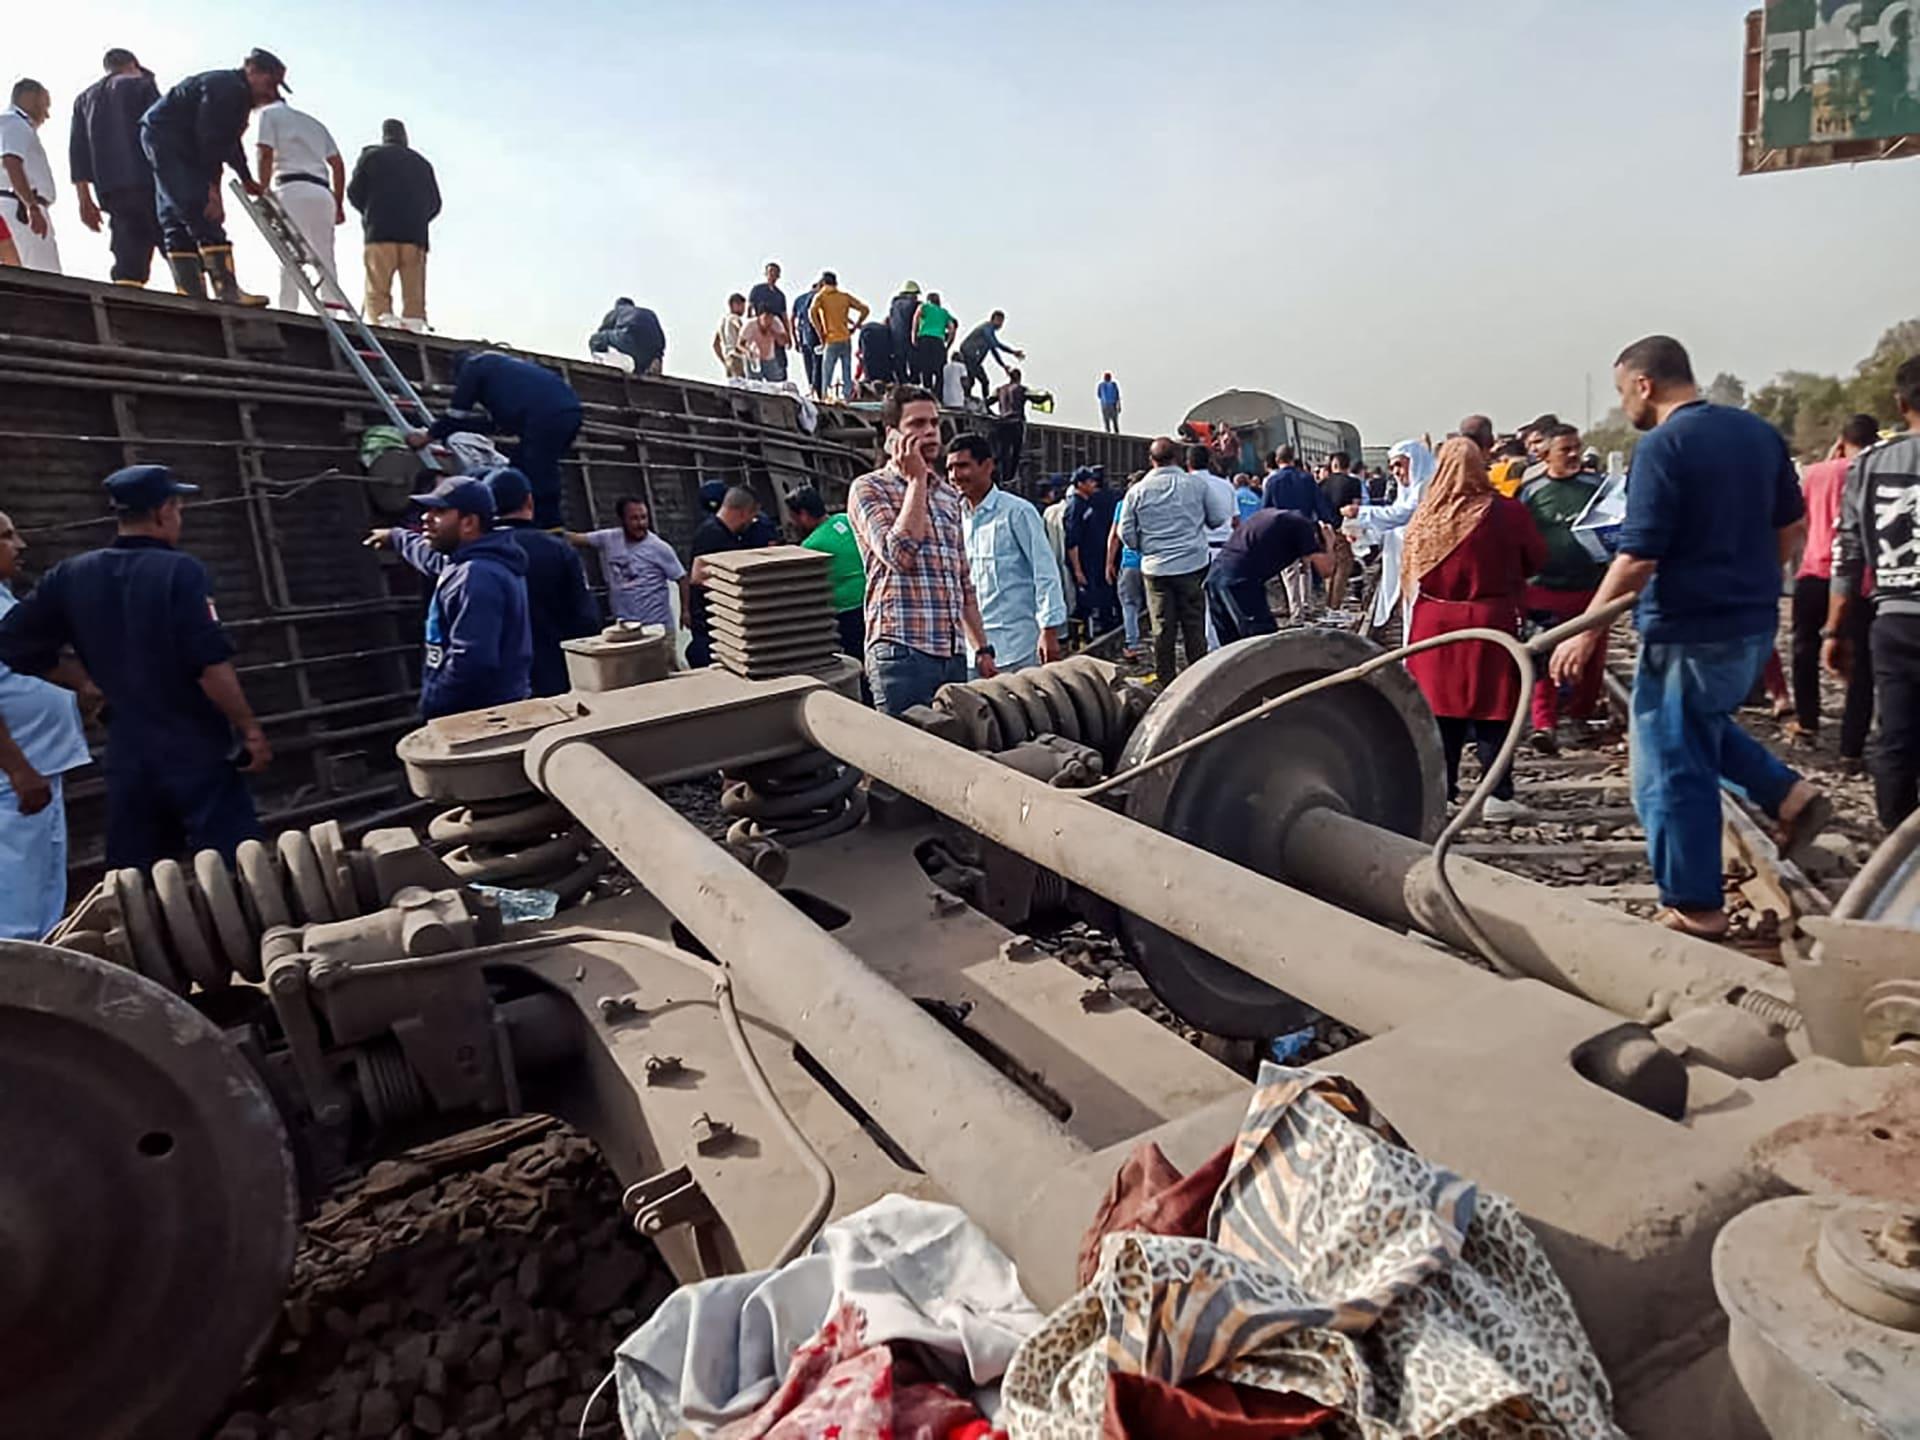 الخامس خلال شهر.. حادث قطار في مصر يسفر عن إصابة 100 شخص